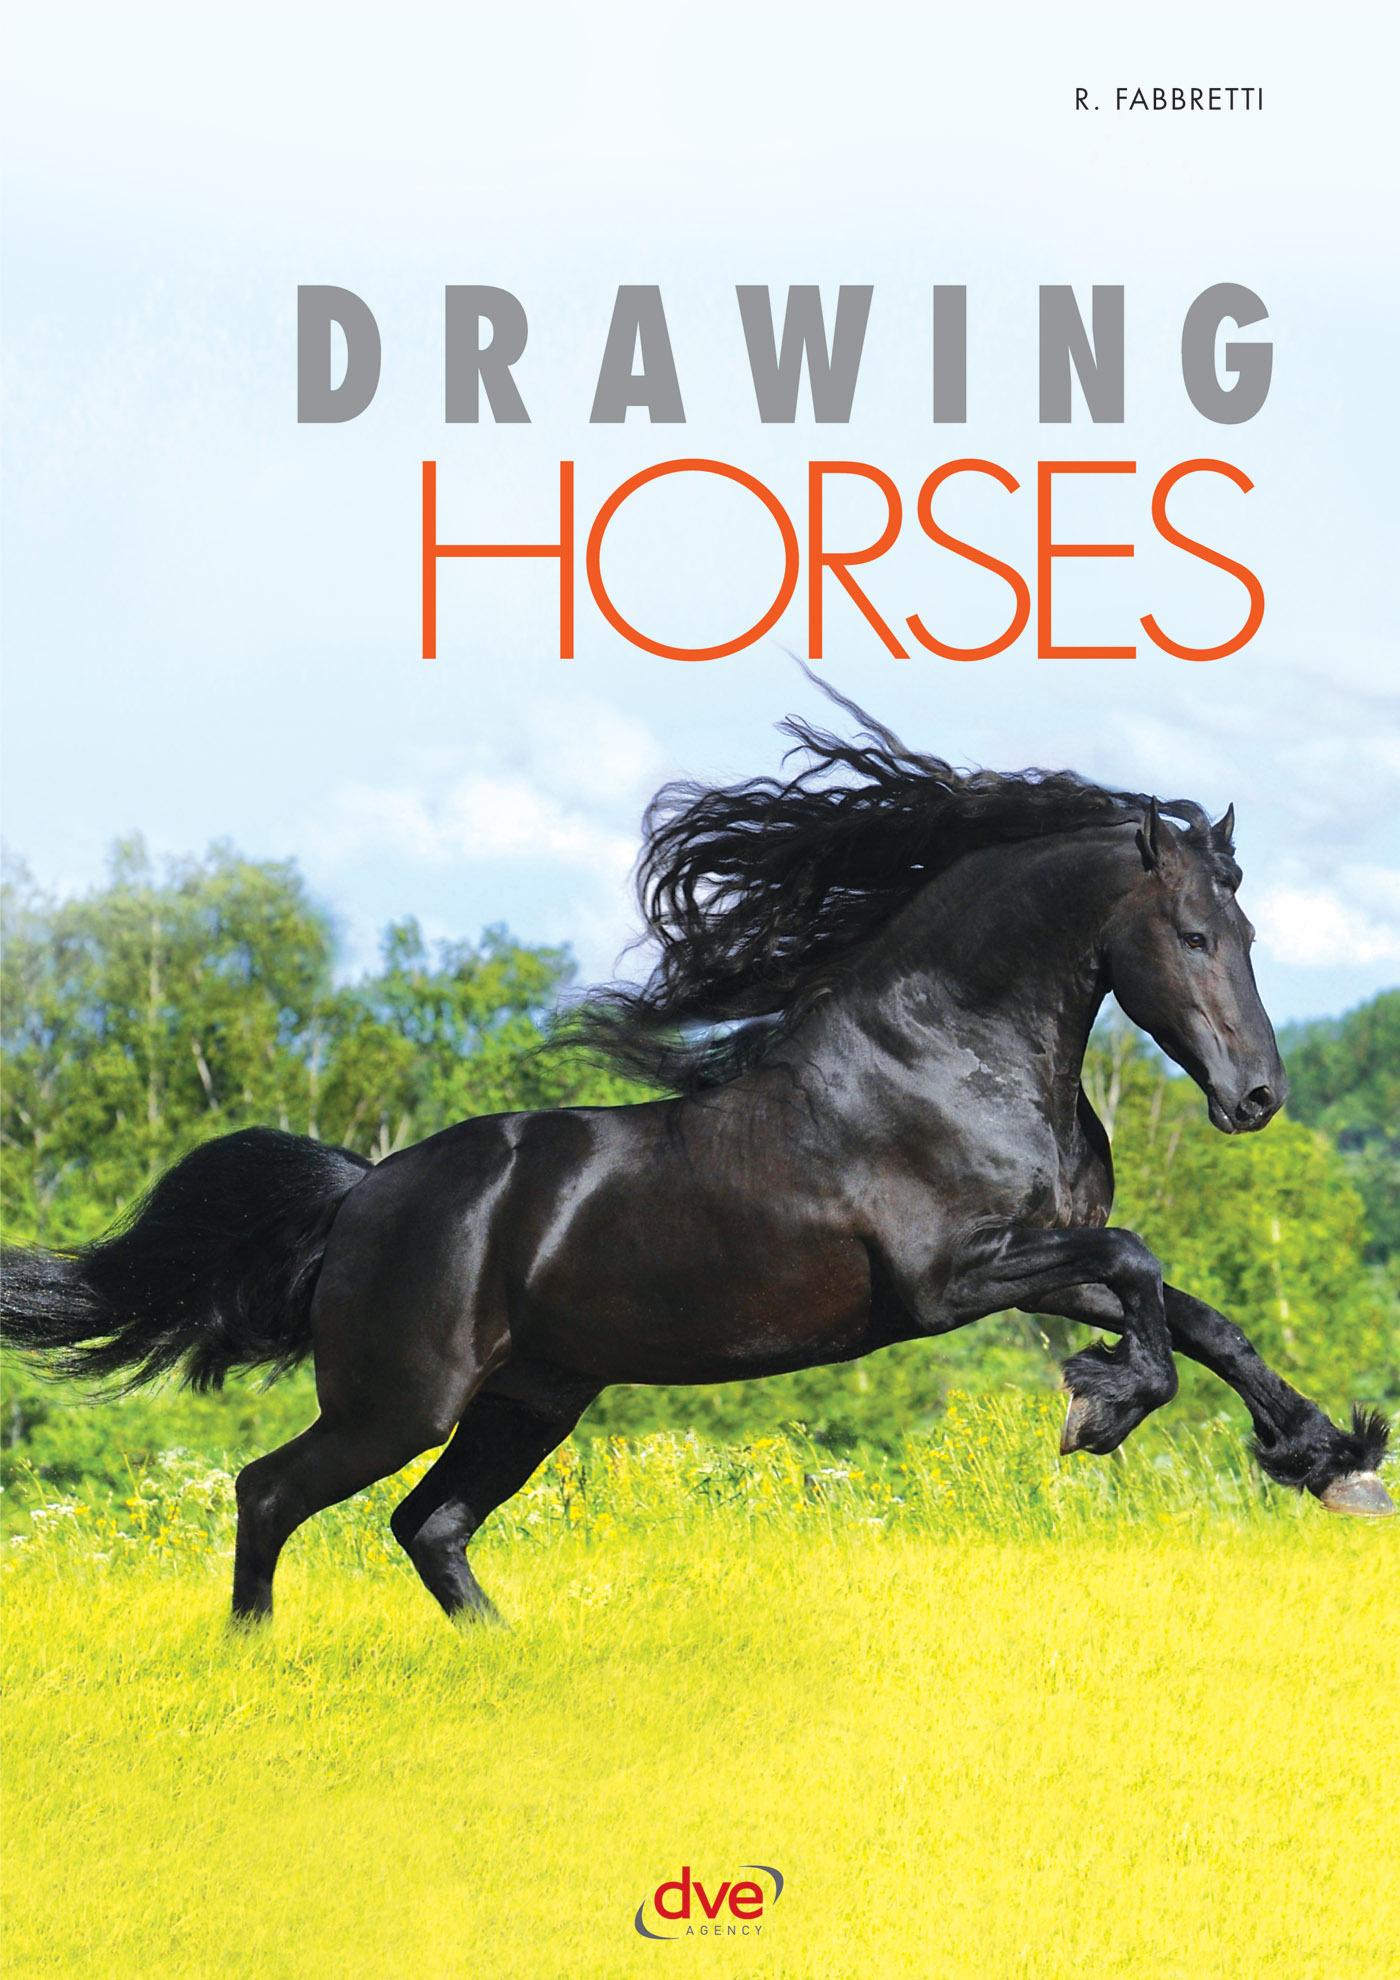 Fabbretti, Roberto - Drawing Horses, ebook